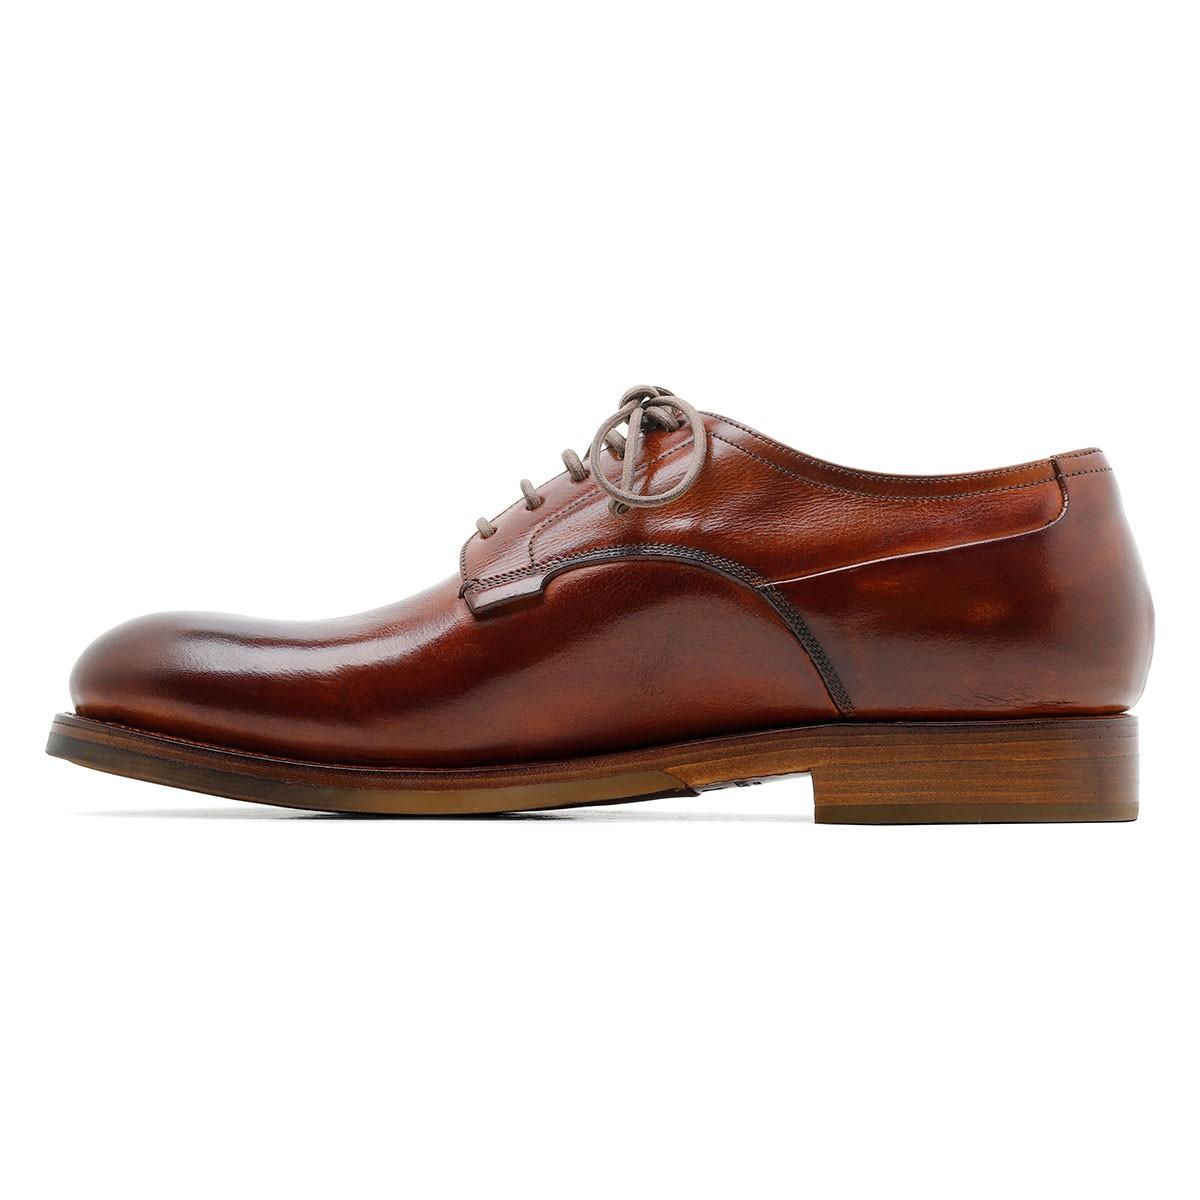 Zurigo brown leather Derby shoes